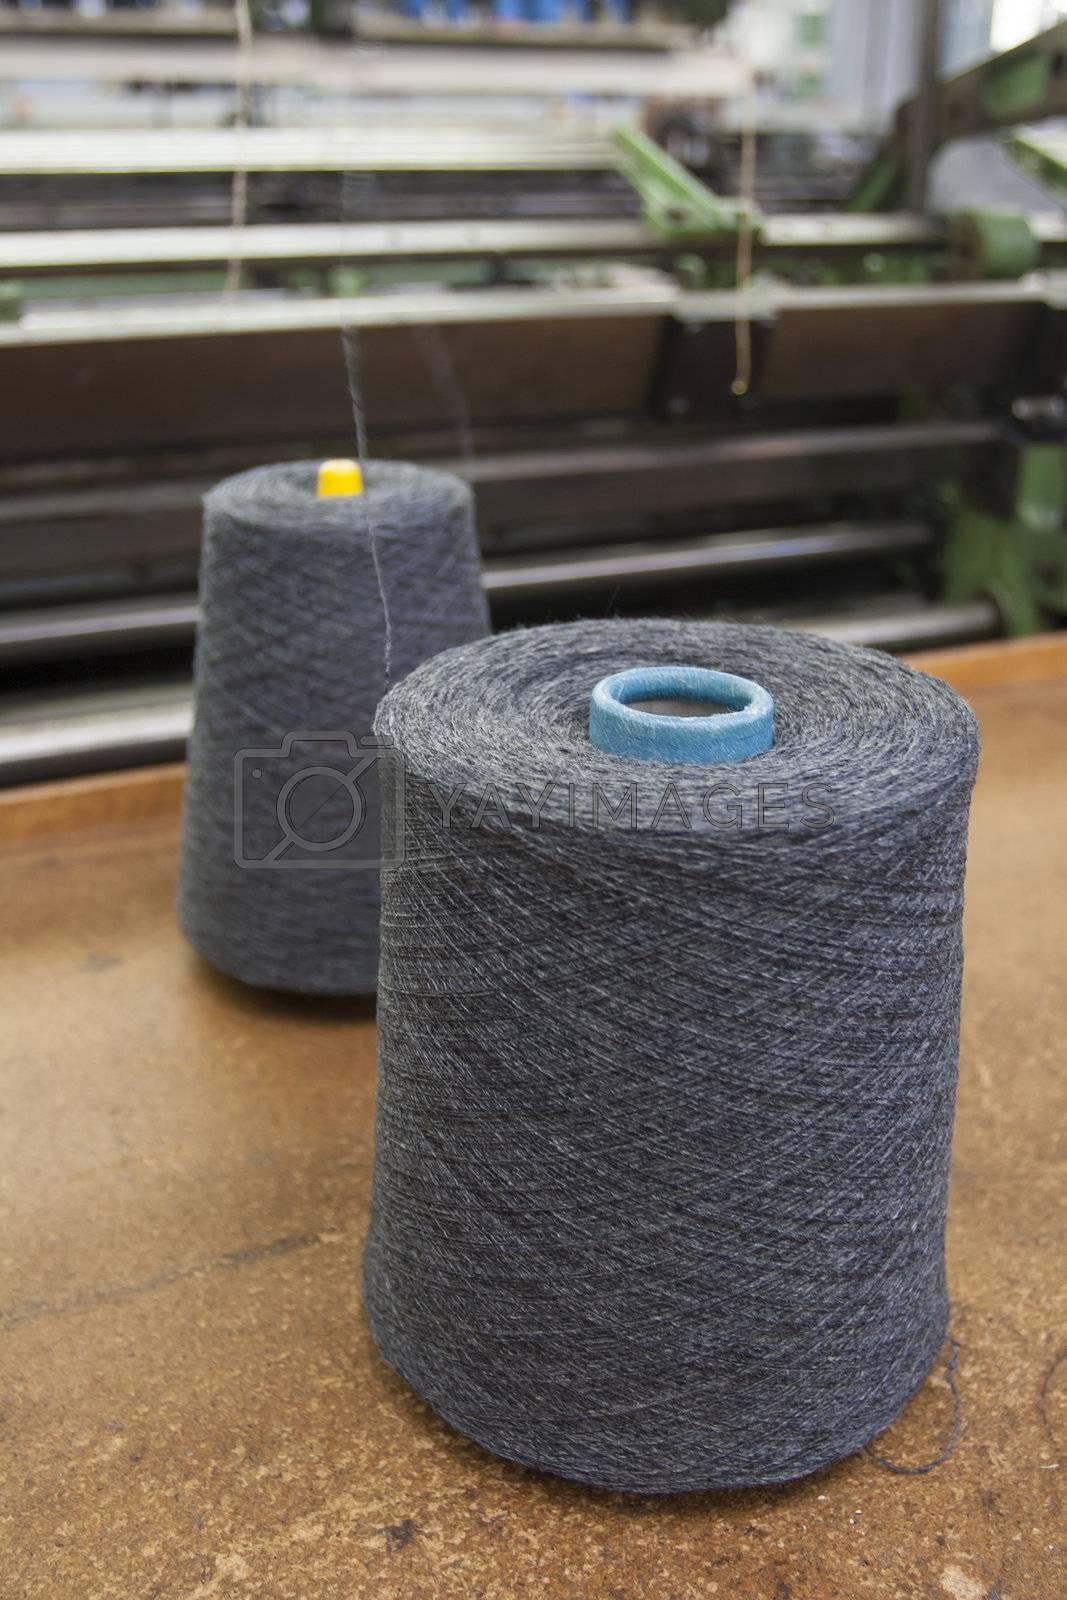 Textile Production - Weaving